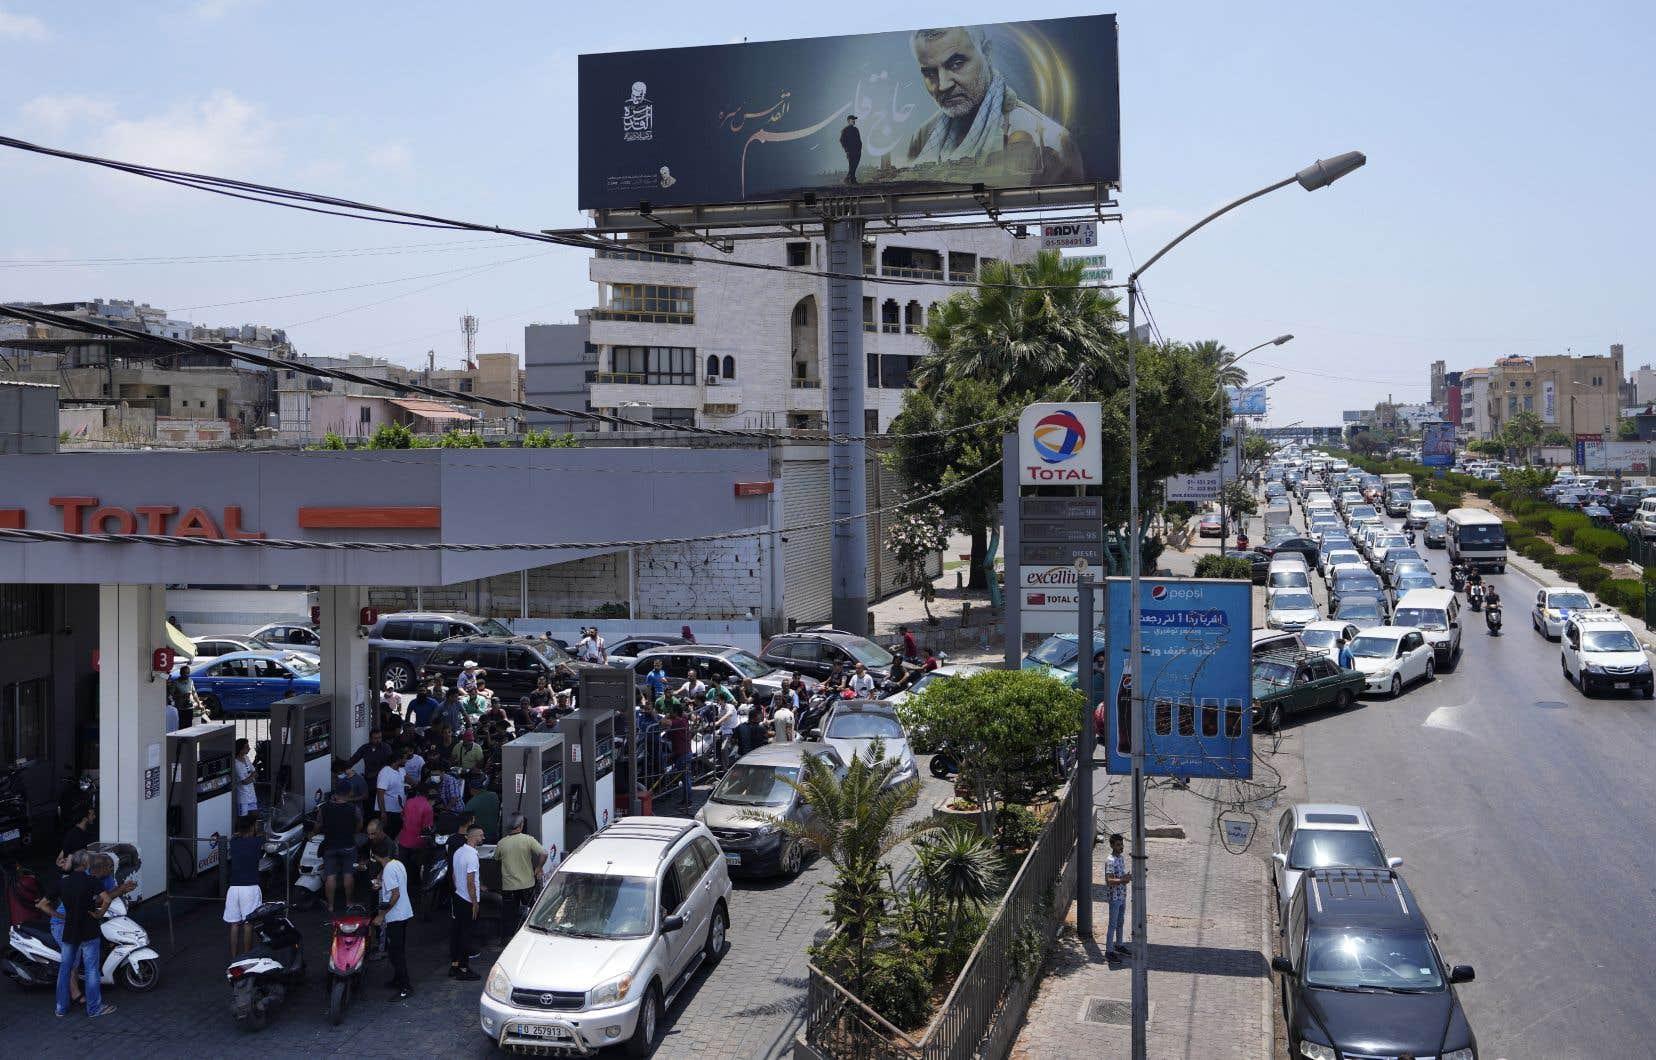 La hausse a provoqué d'interminables files d'attente devant les stations-services.